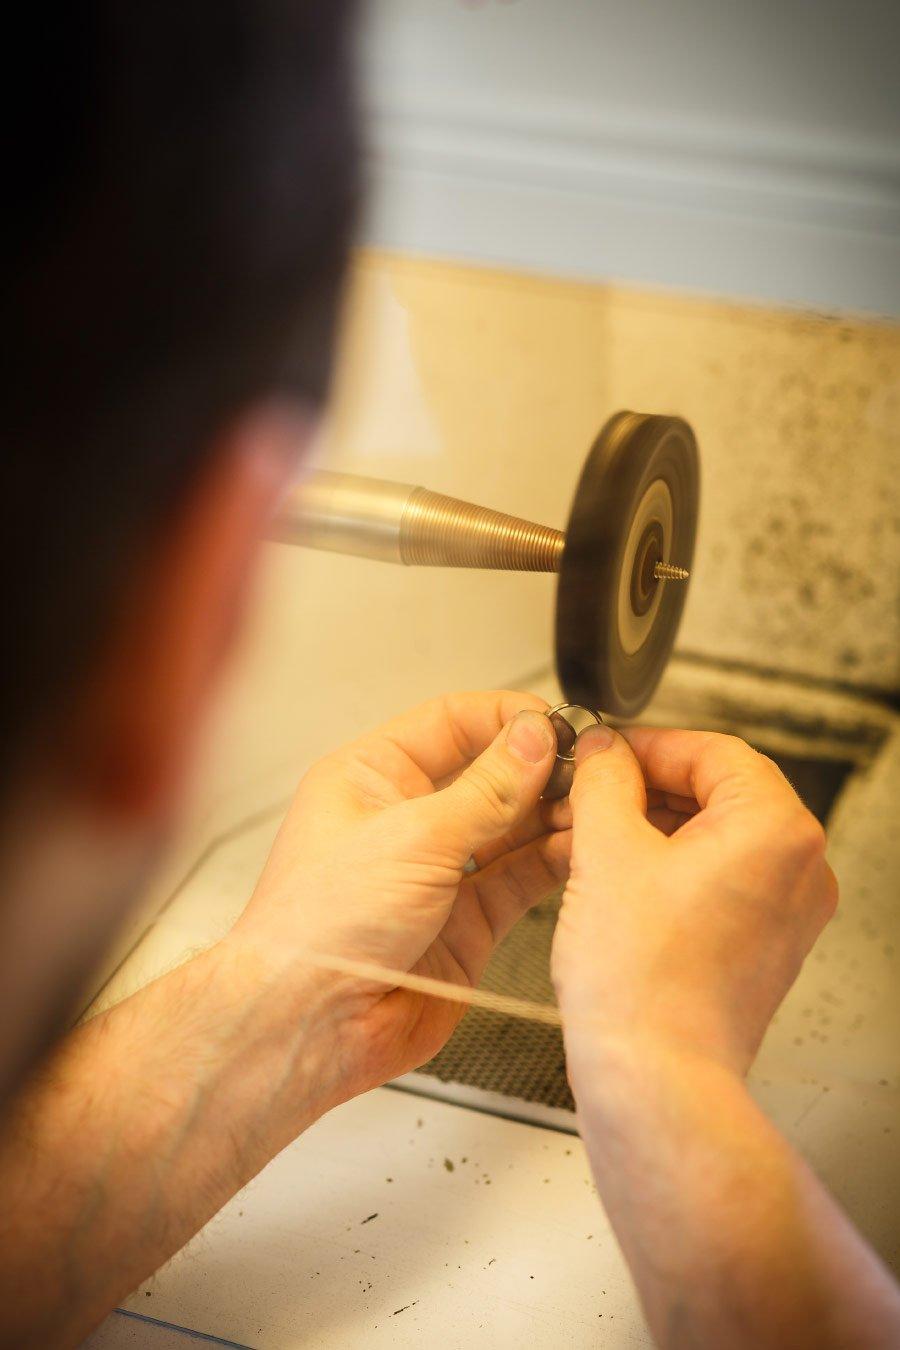 Ringe für die Hochzeit selber schmieden - den Trauring weiter polieren